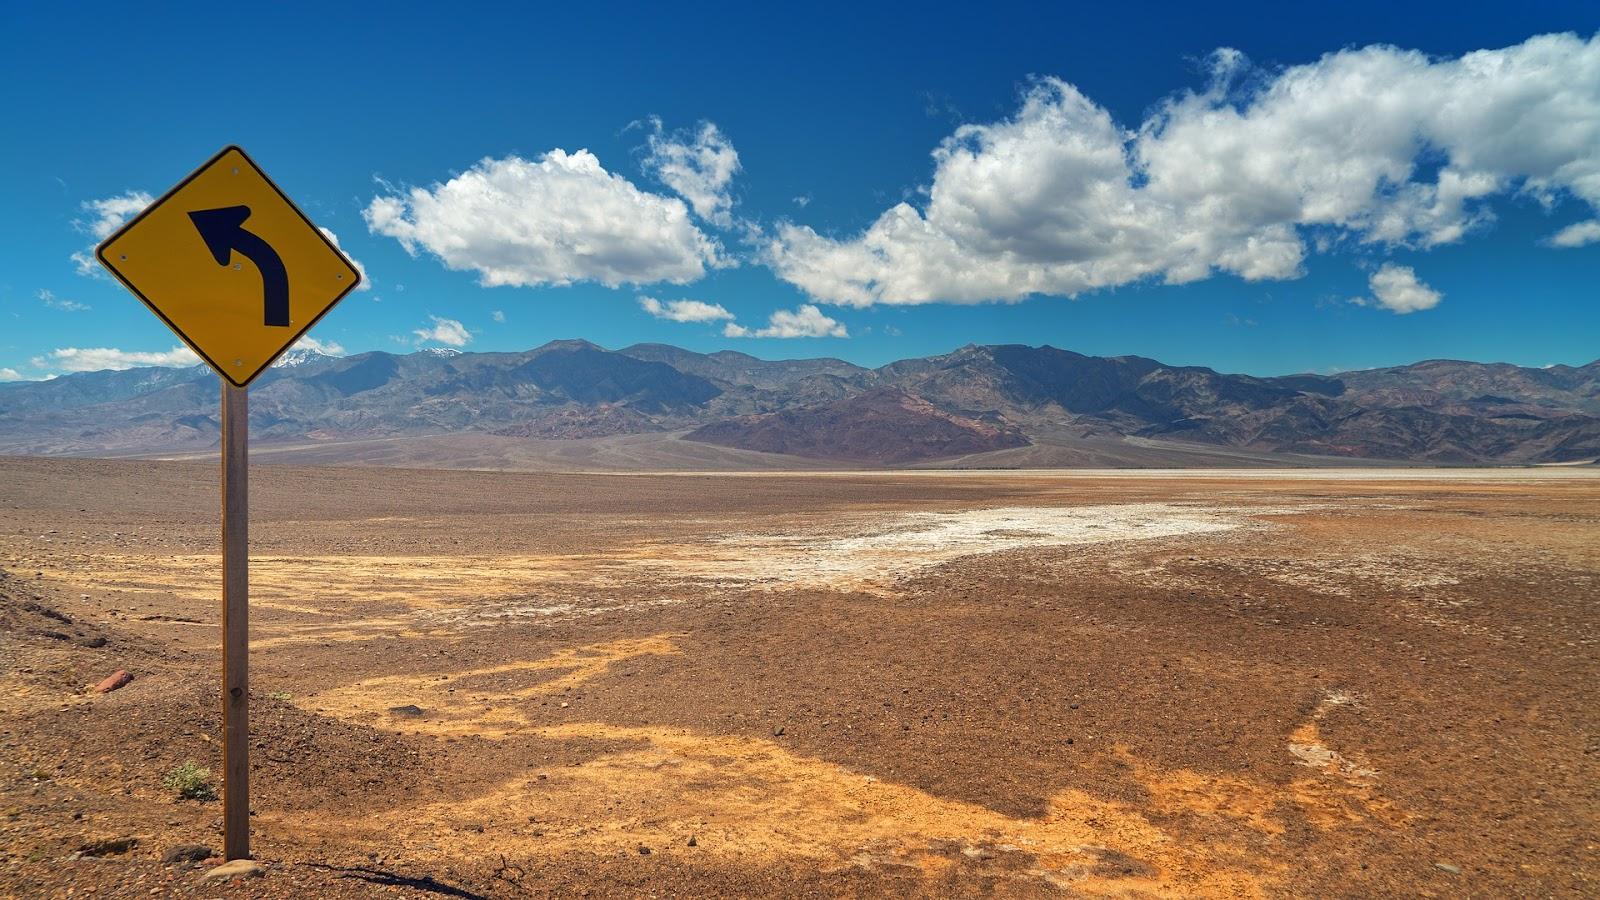 נוף מדבר עם שלט המכווין שמאלה. שמיים כחולים